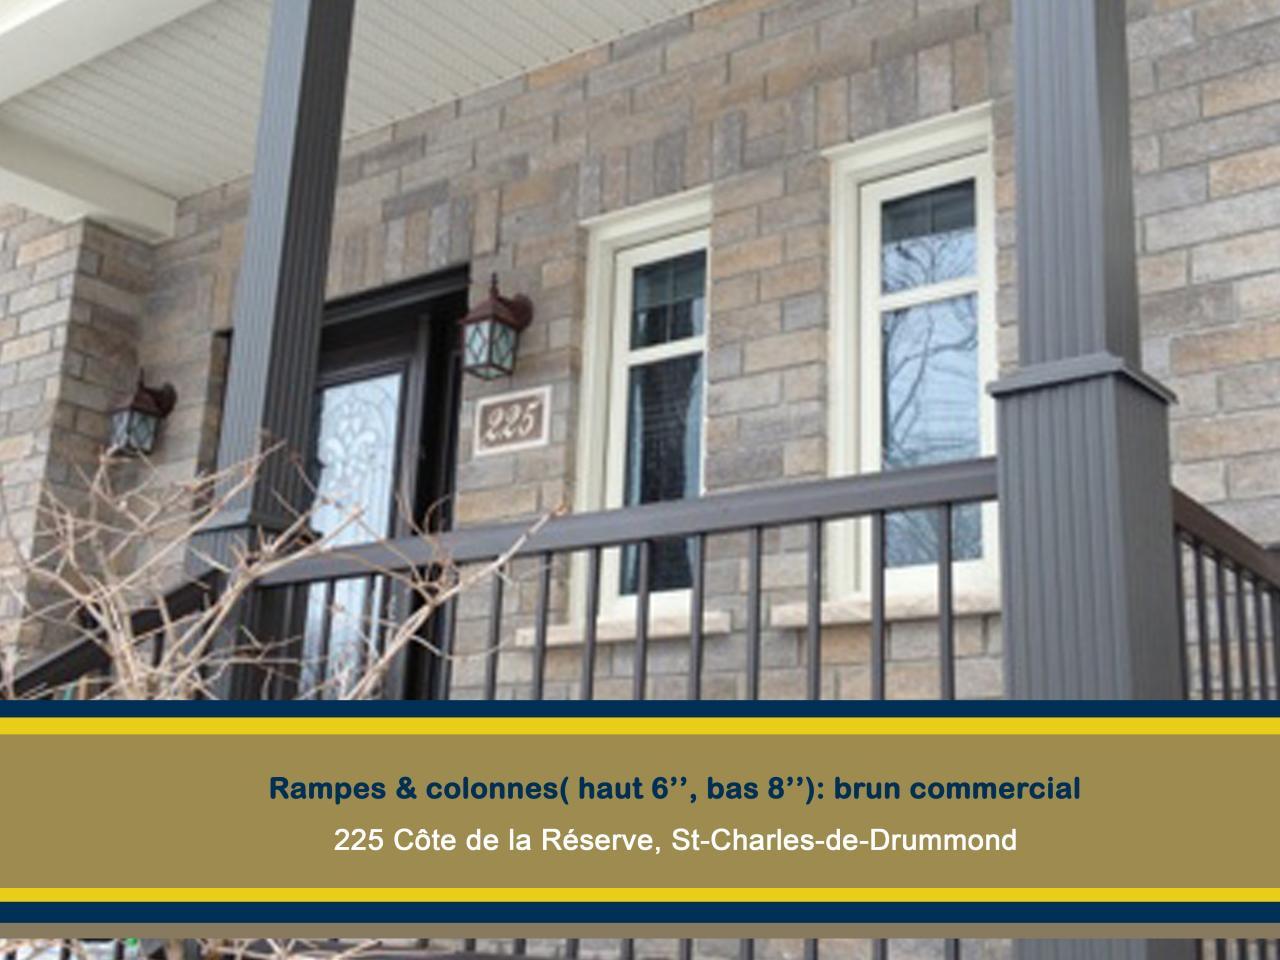 Rampes 225 Côte de la Réserve St-Charles de Drummond